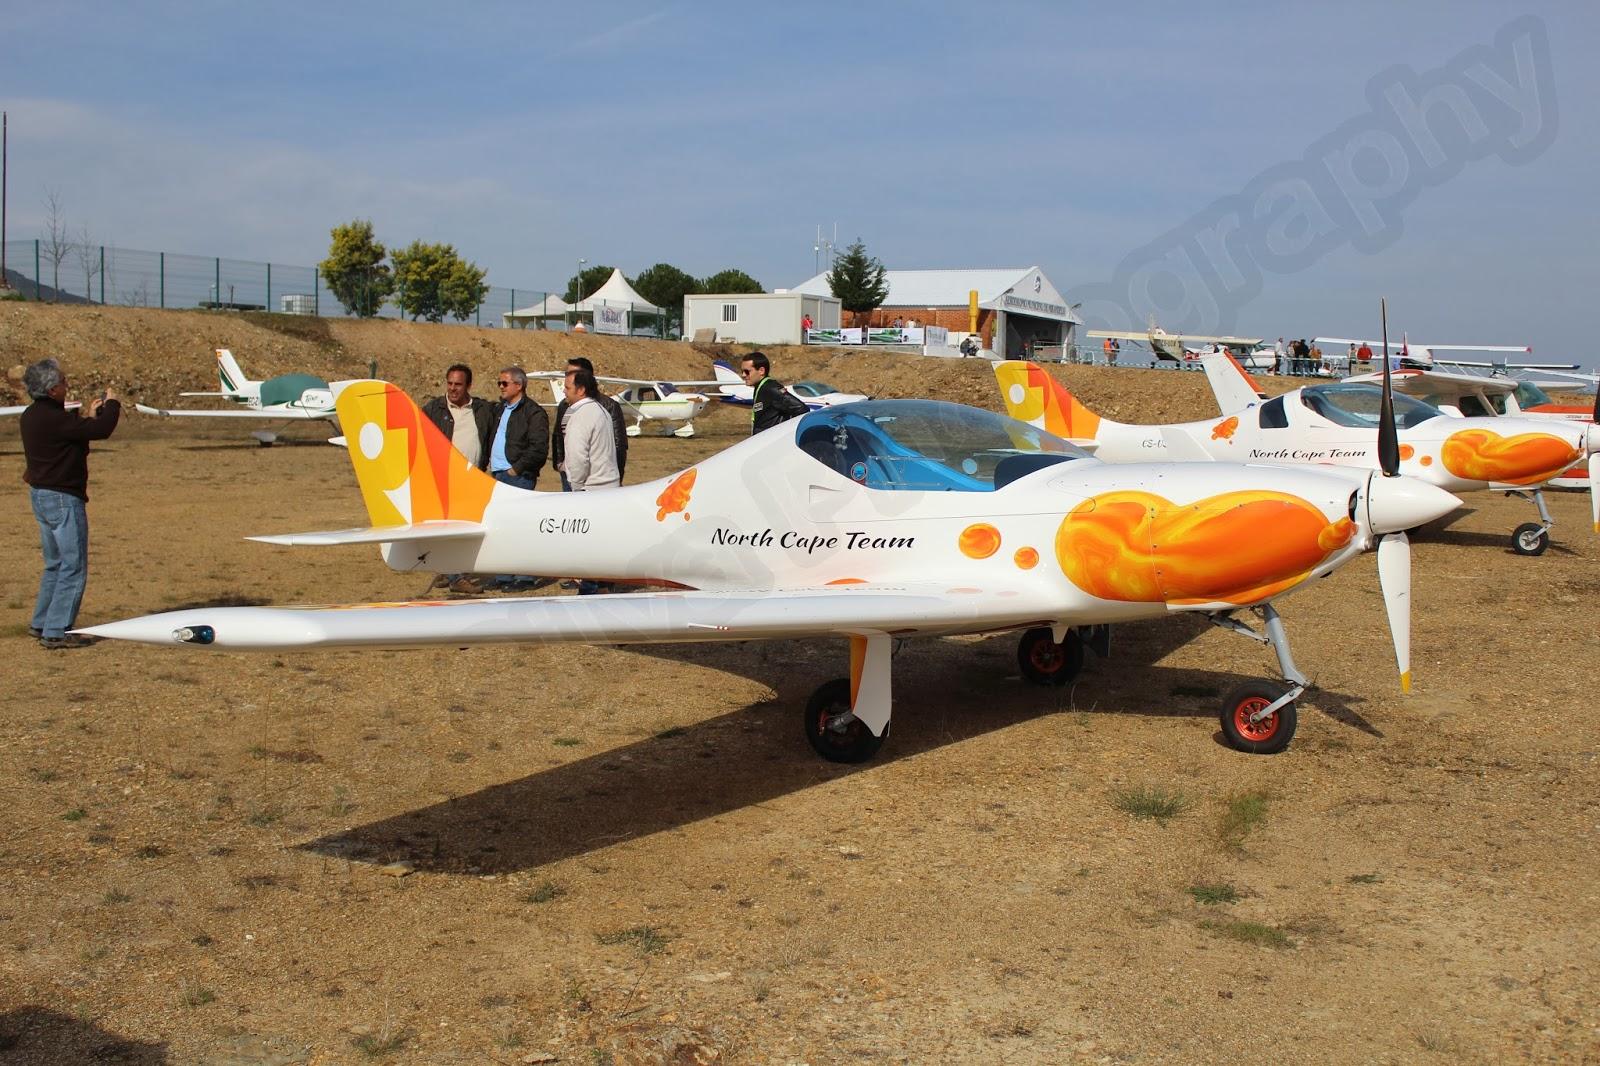 AIR SPOTTER: Aerospool